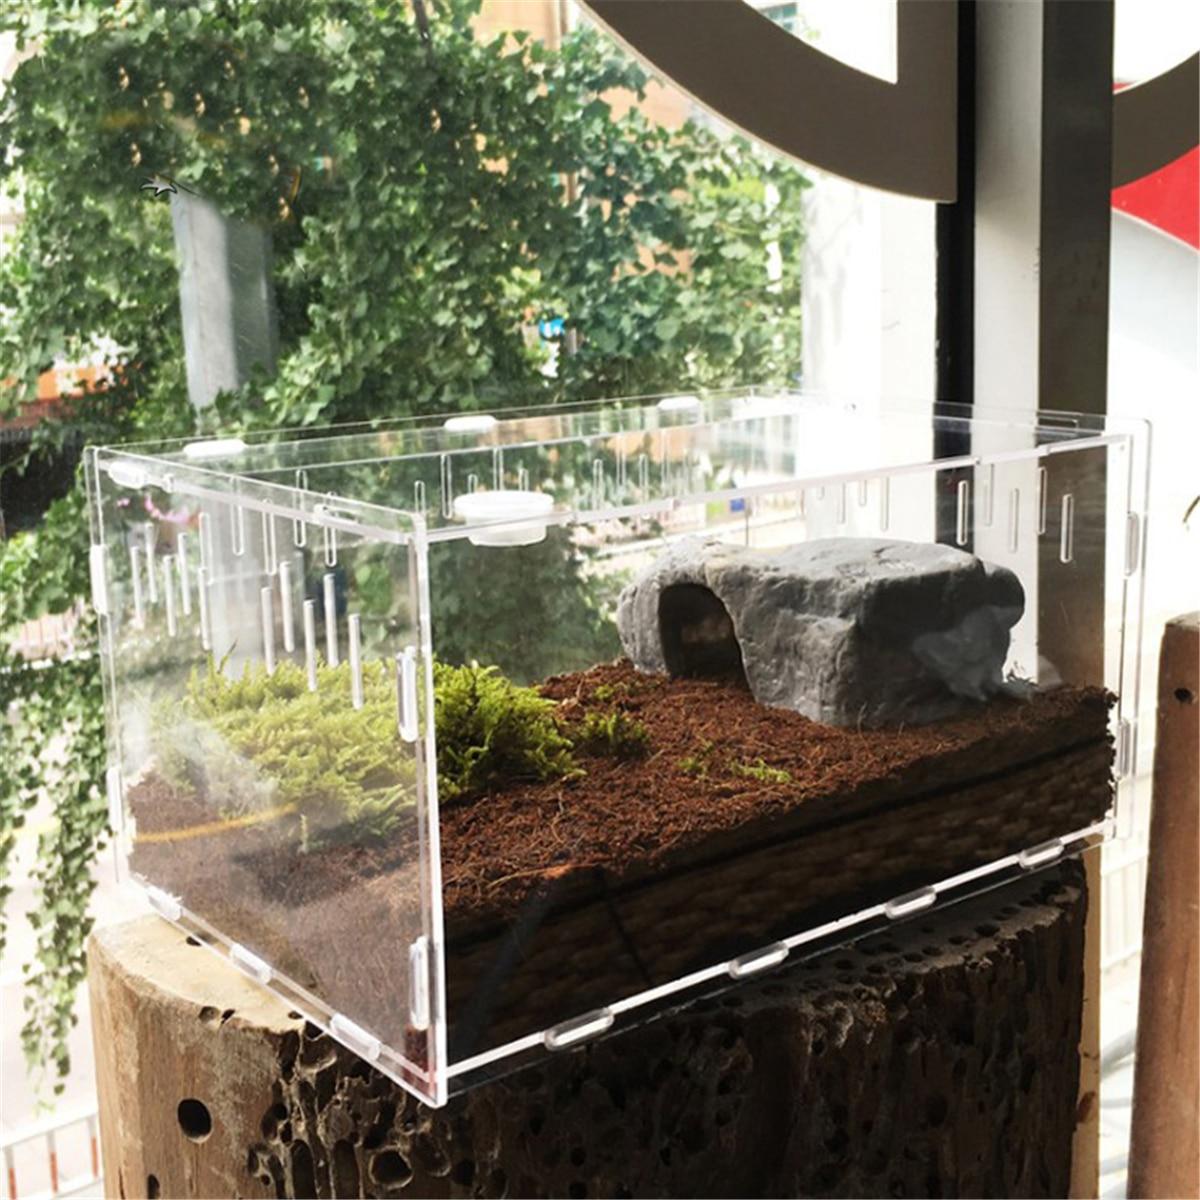 Tamanho p/l reptile tanque inseto aranha, tortoise, lagarto, acrílico, transparente, tampa de vivarium, produto de estimação, terrário